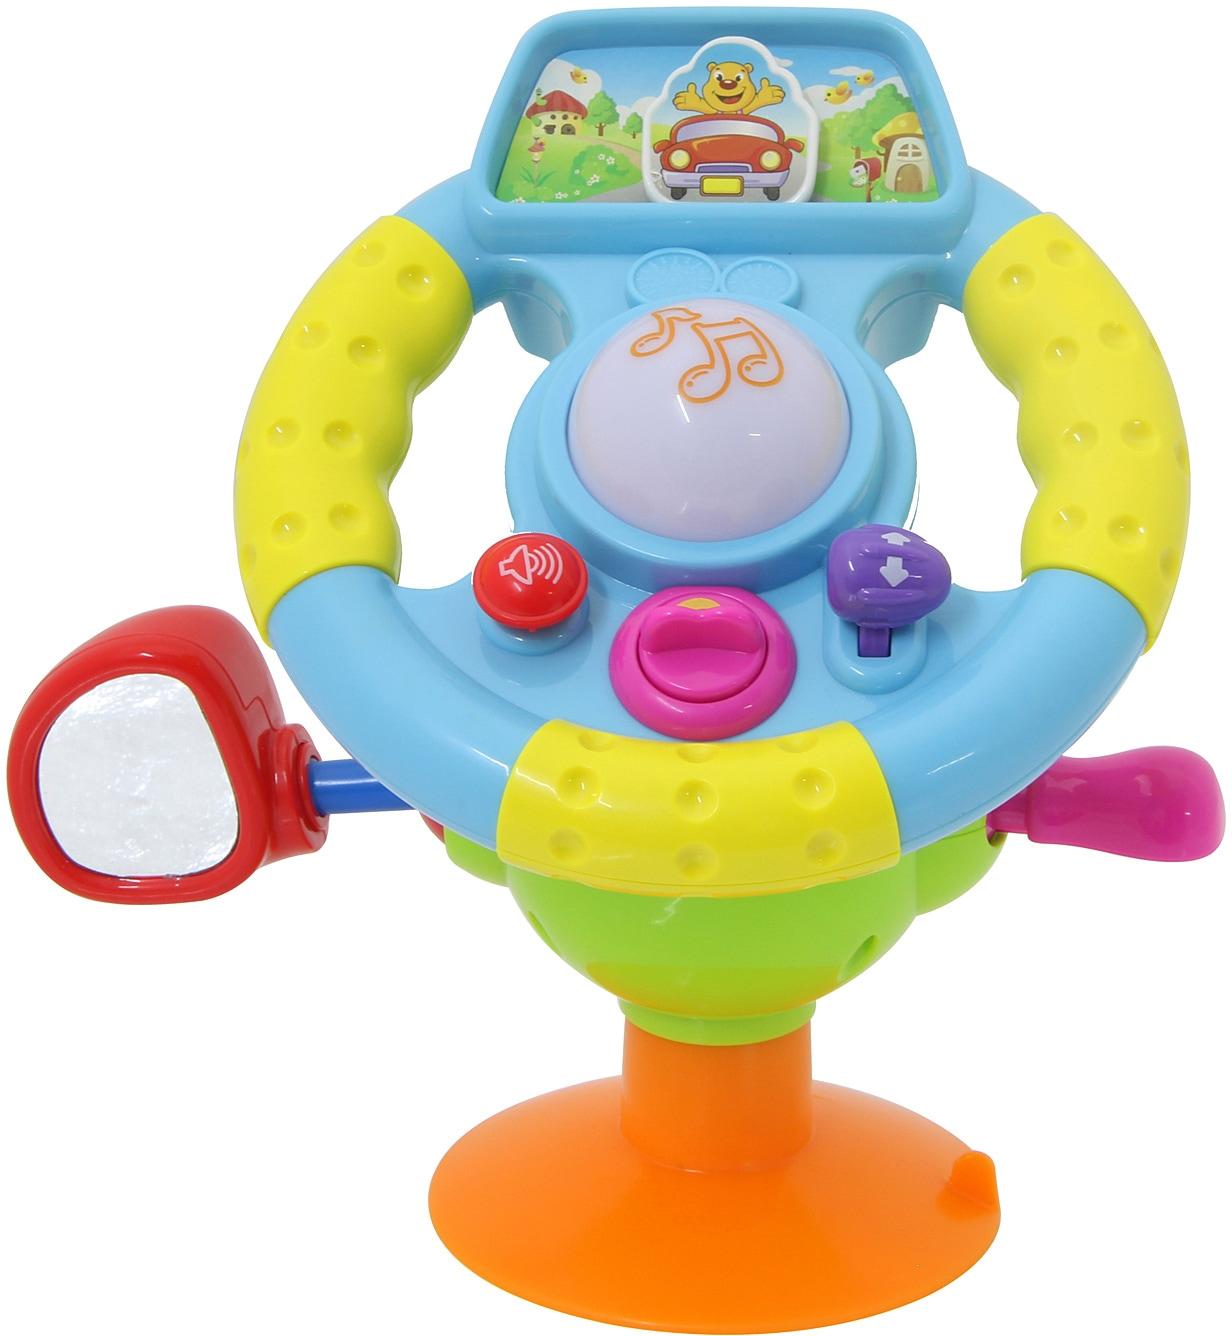 Jamara Lernspielzeug, Lenkrad First Step Baby Drive bunt Kinder Lernspiele Lernspielzeug